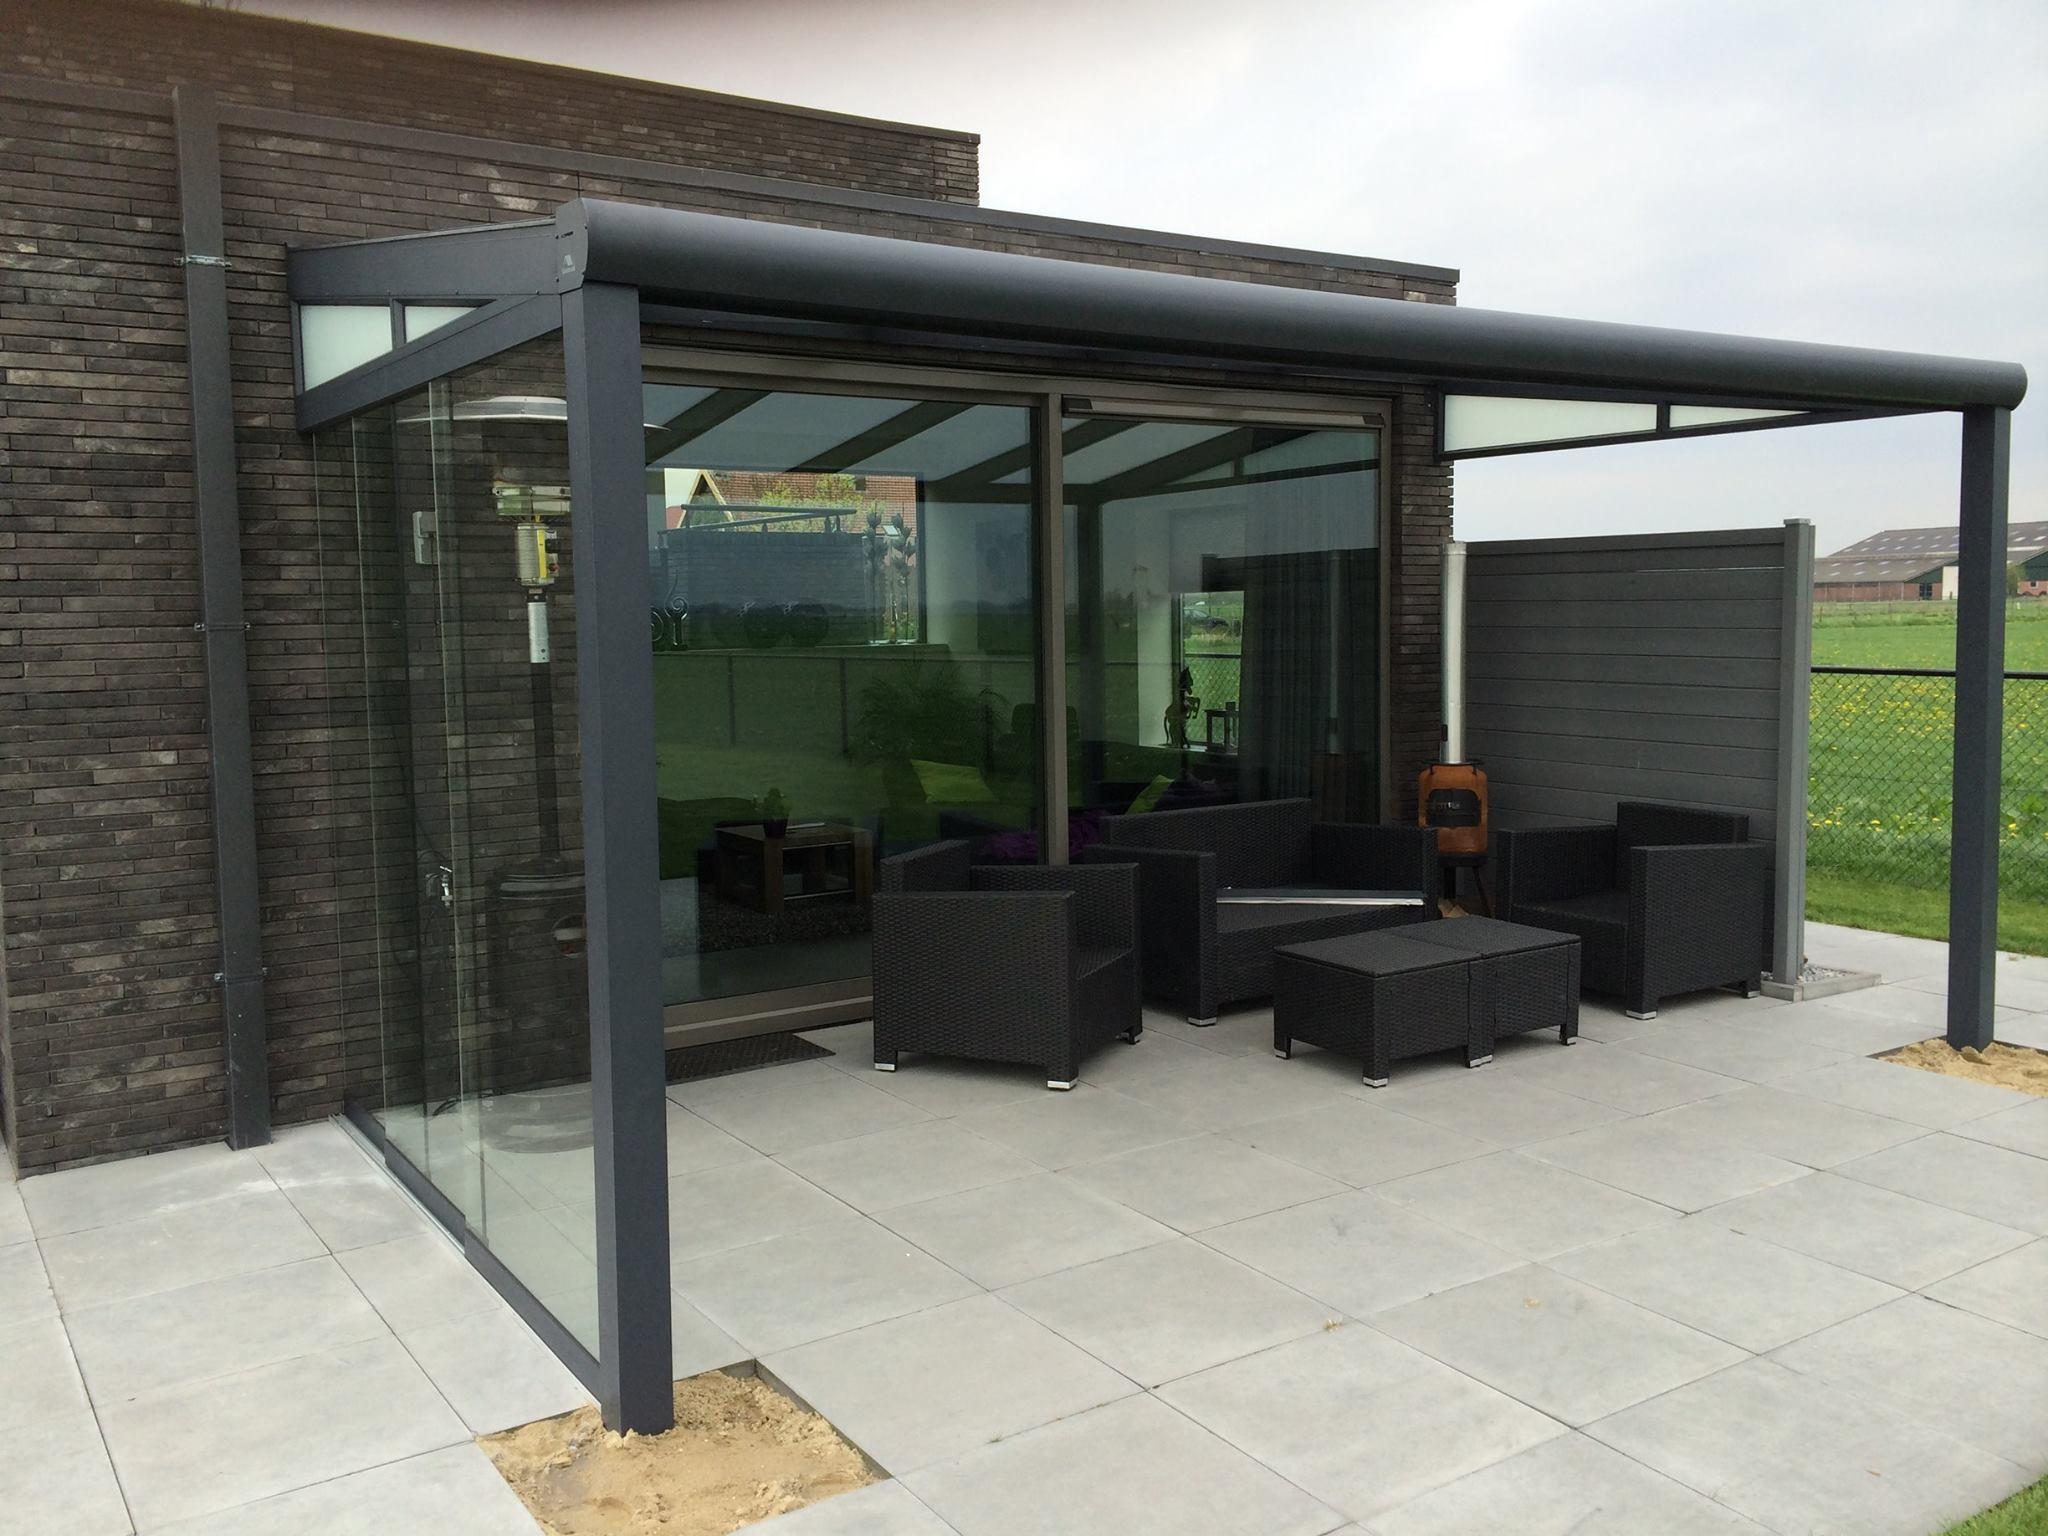 Pergola modern mat antraciet met glazen schuifdeuren aan de zijkant - Pergola dakbedekking ...